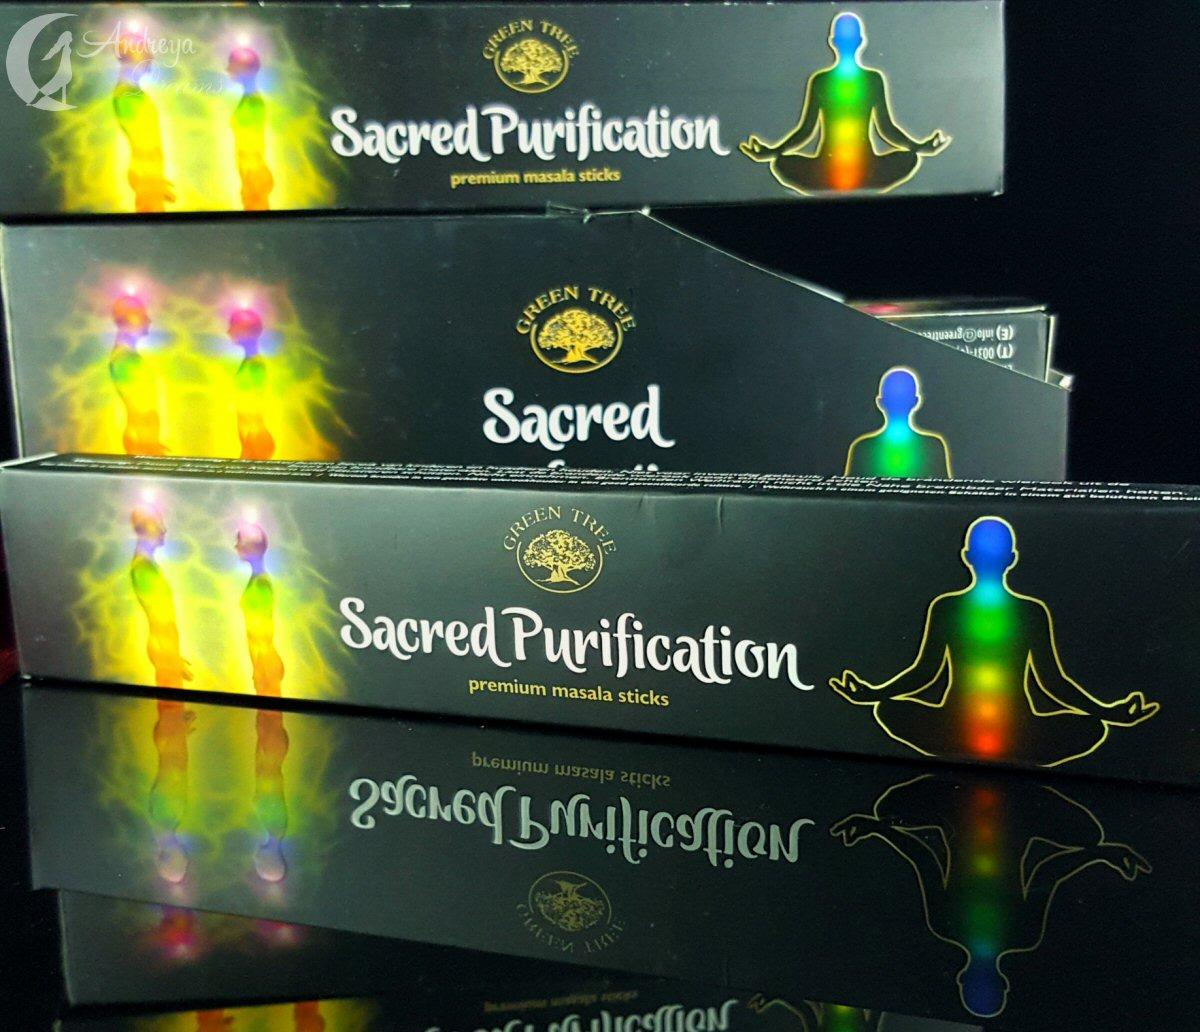 Incenso Purificação Sagrada